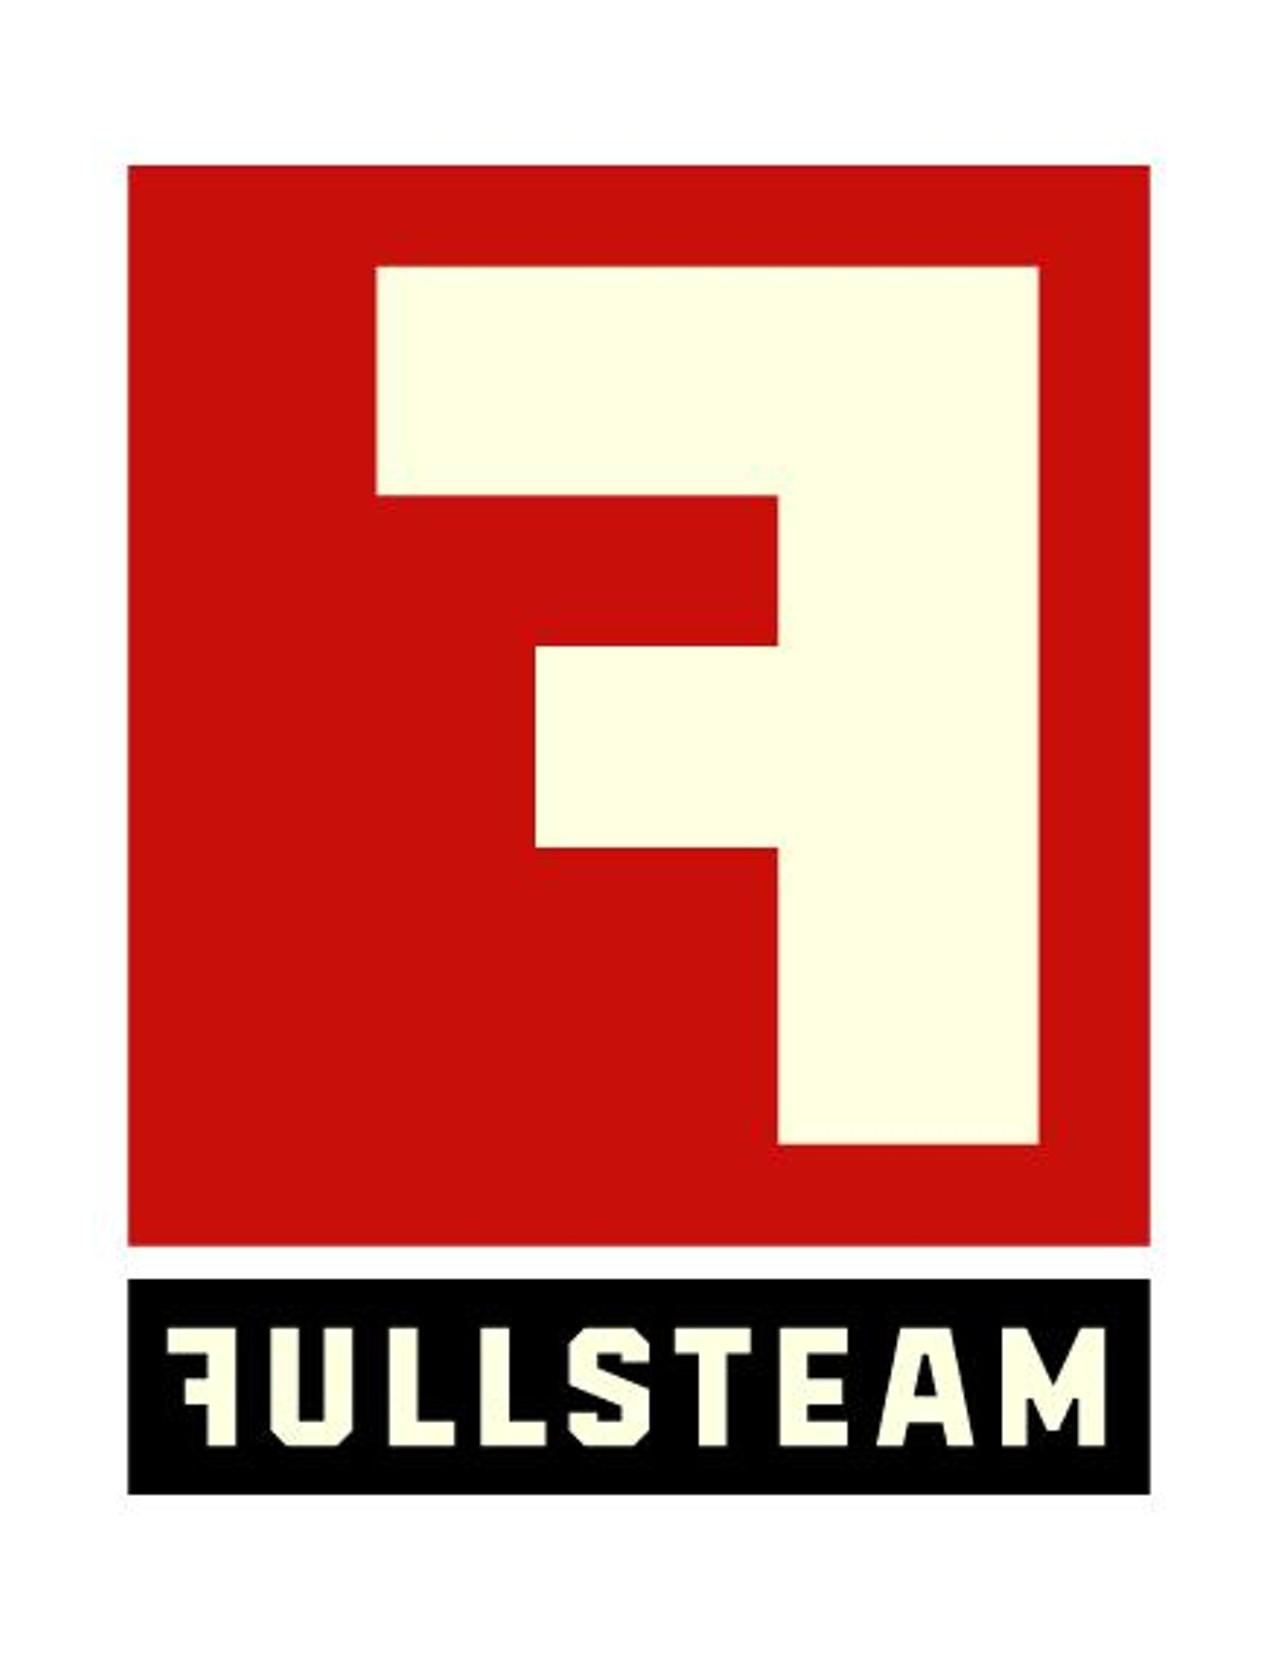 fullsteam_logo_box_space_gif-magnum.jpg